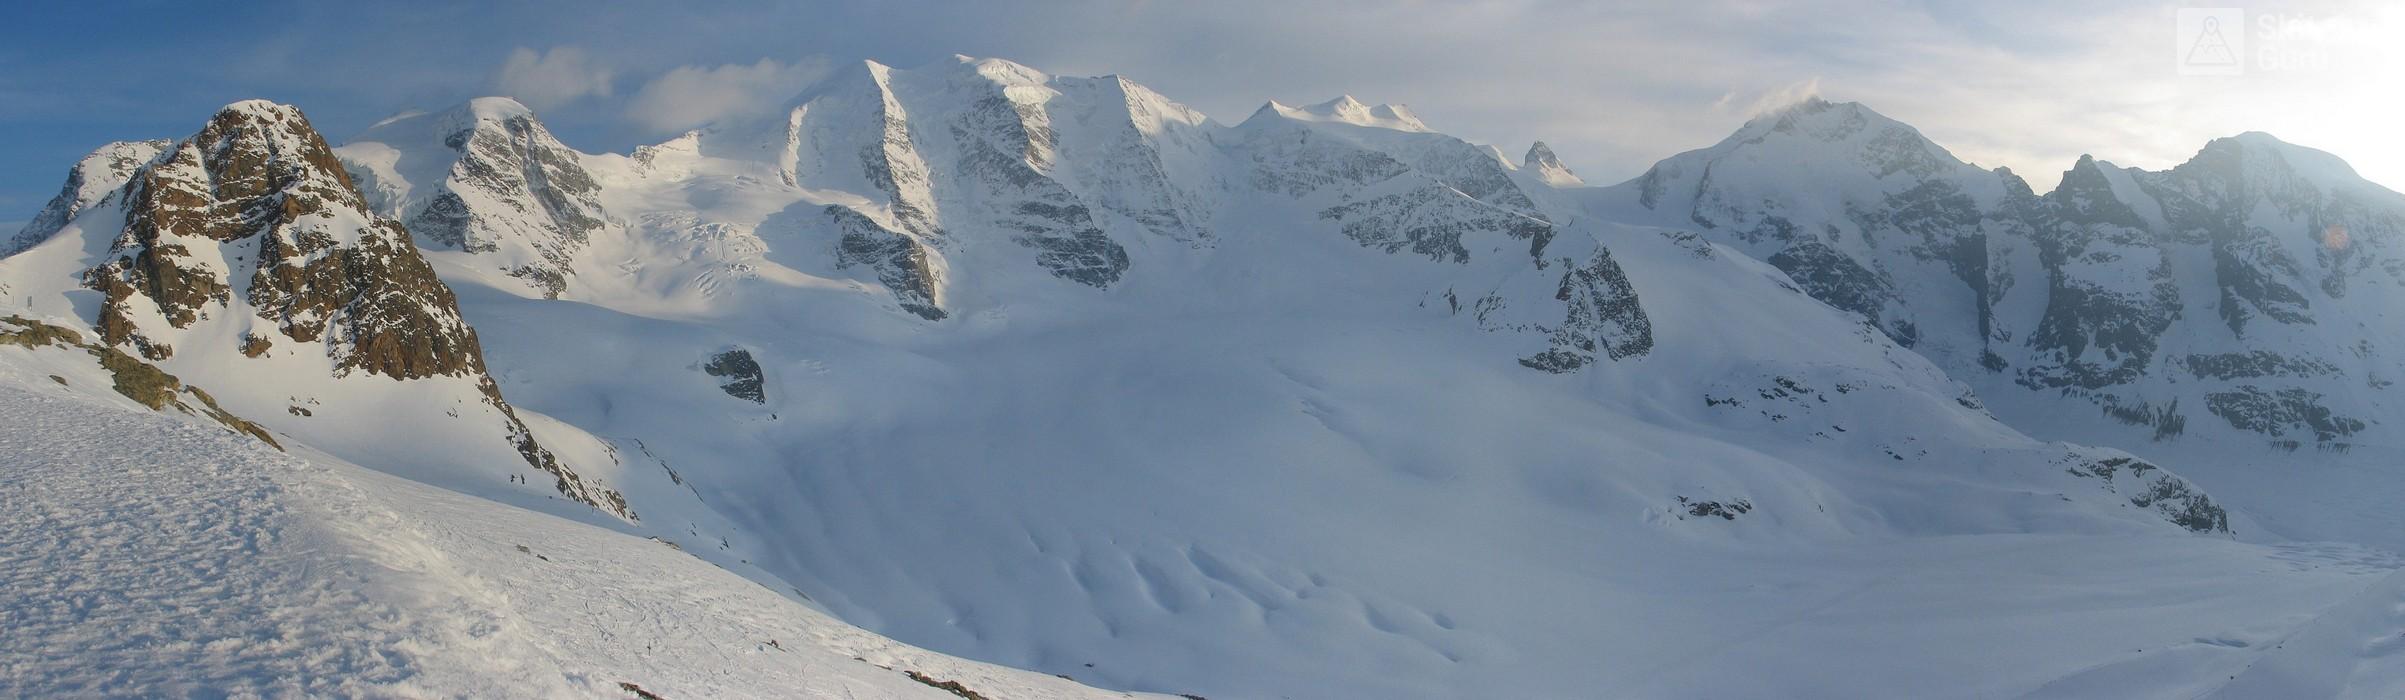 Diavolezza Berghaus Bernina Switzerland panorama 37